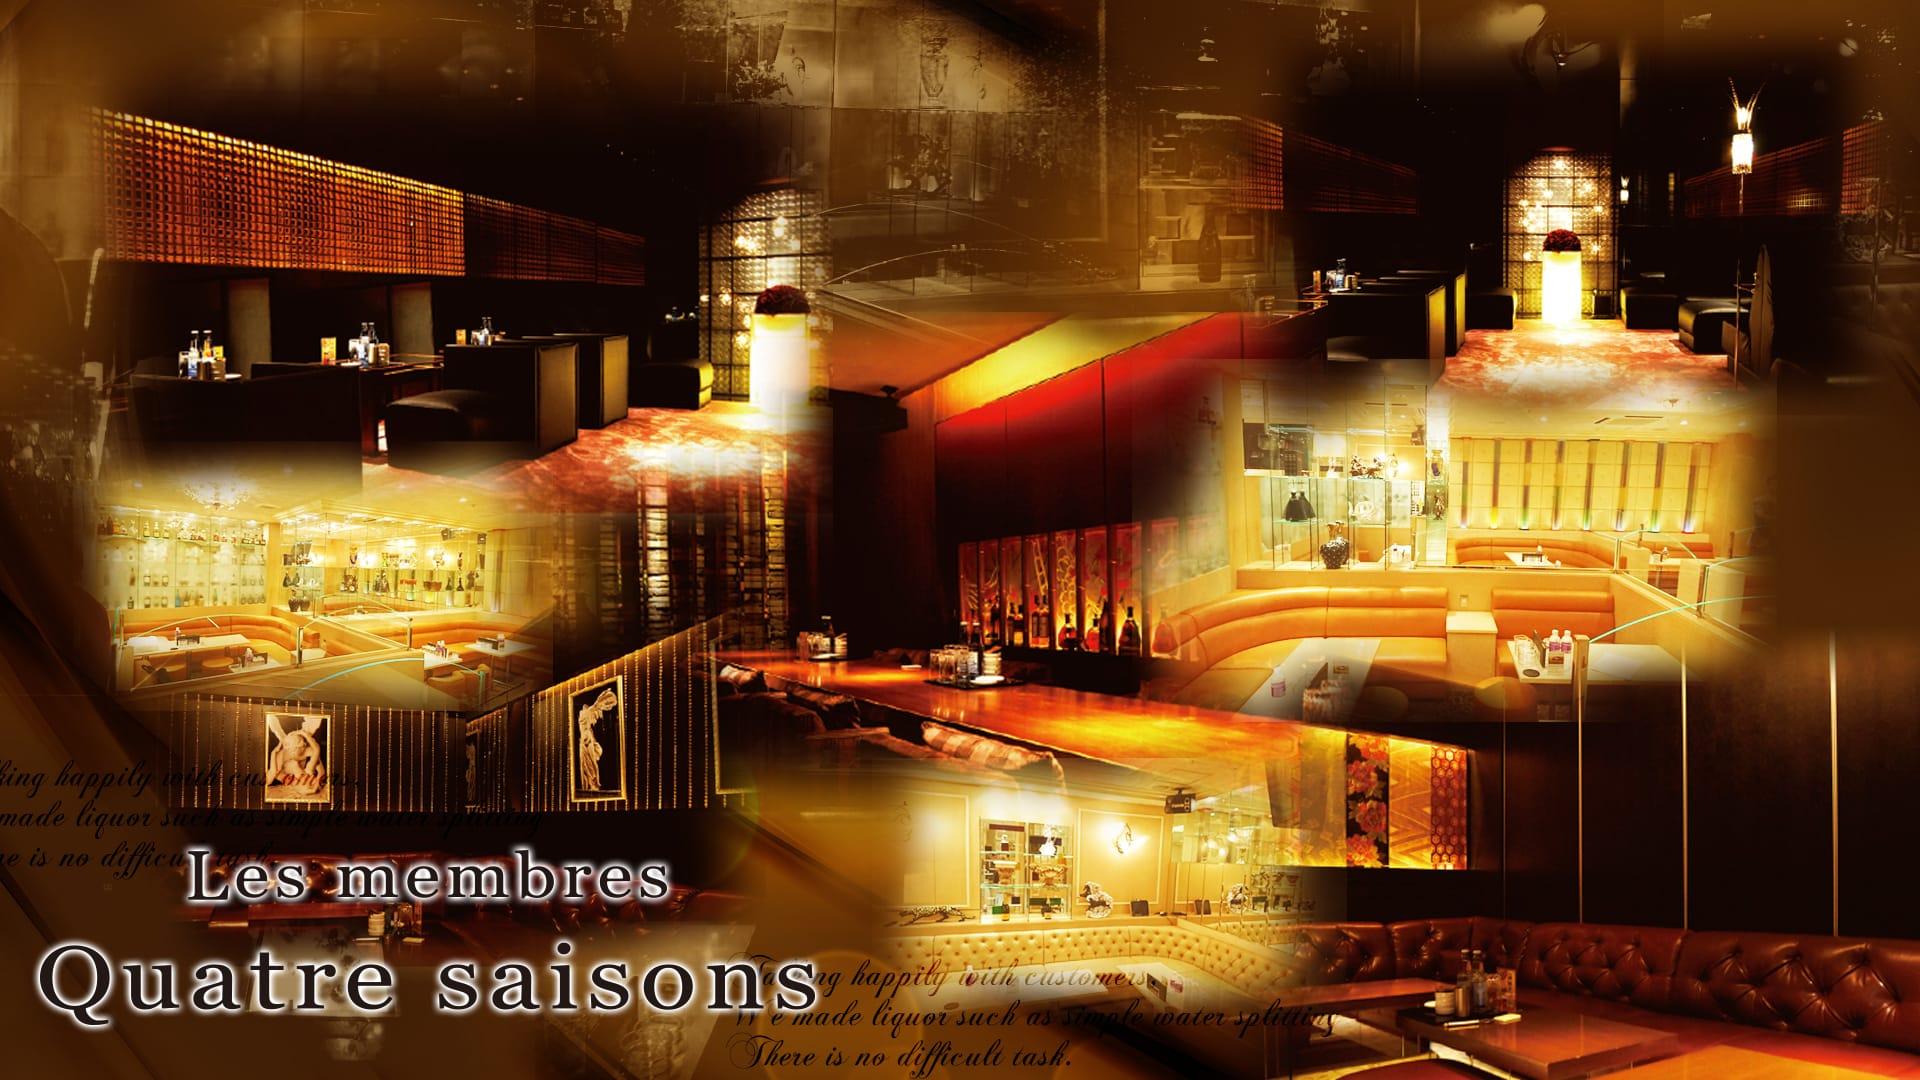 Les membres Quatre saisons(メンバーズキャトルセゾン) TOP画像